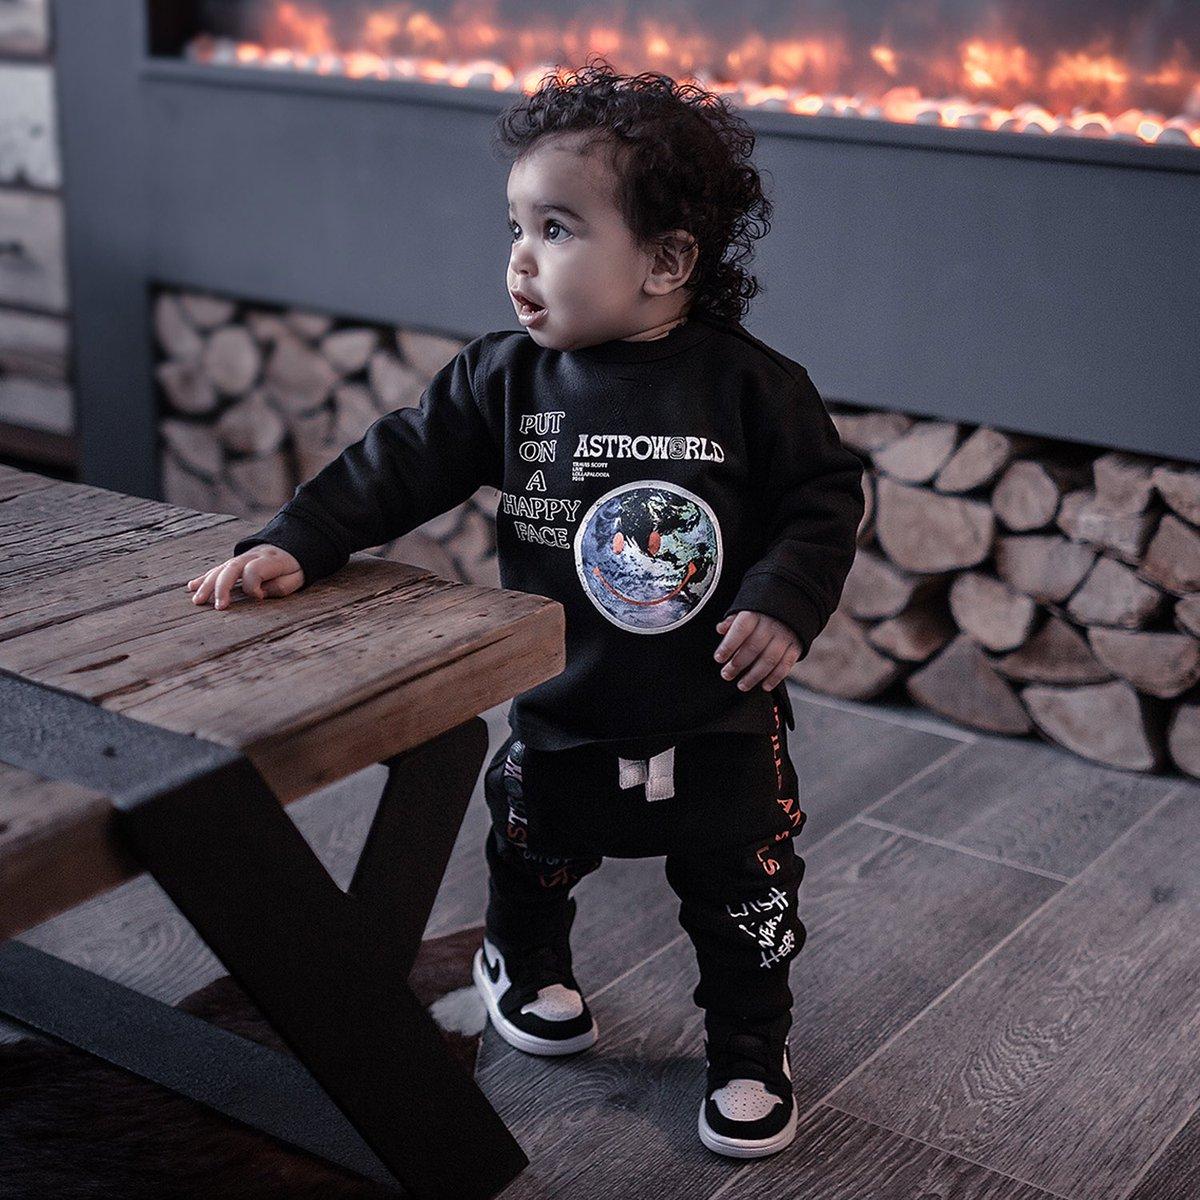 #astroworldmerch #astroworld #traviscott #kardashiankids #babyclothes #trendybabies #coolkids #coolkid =>